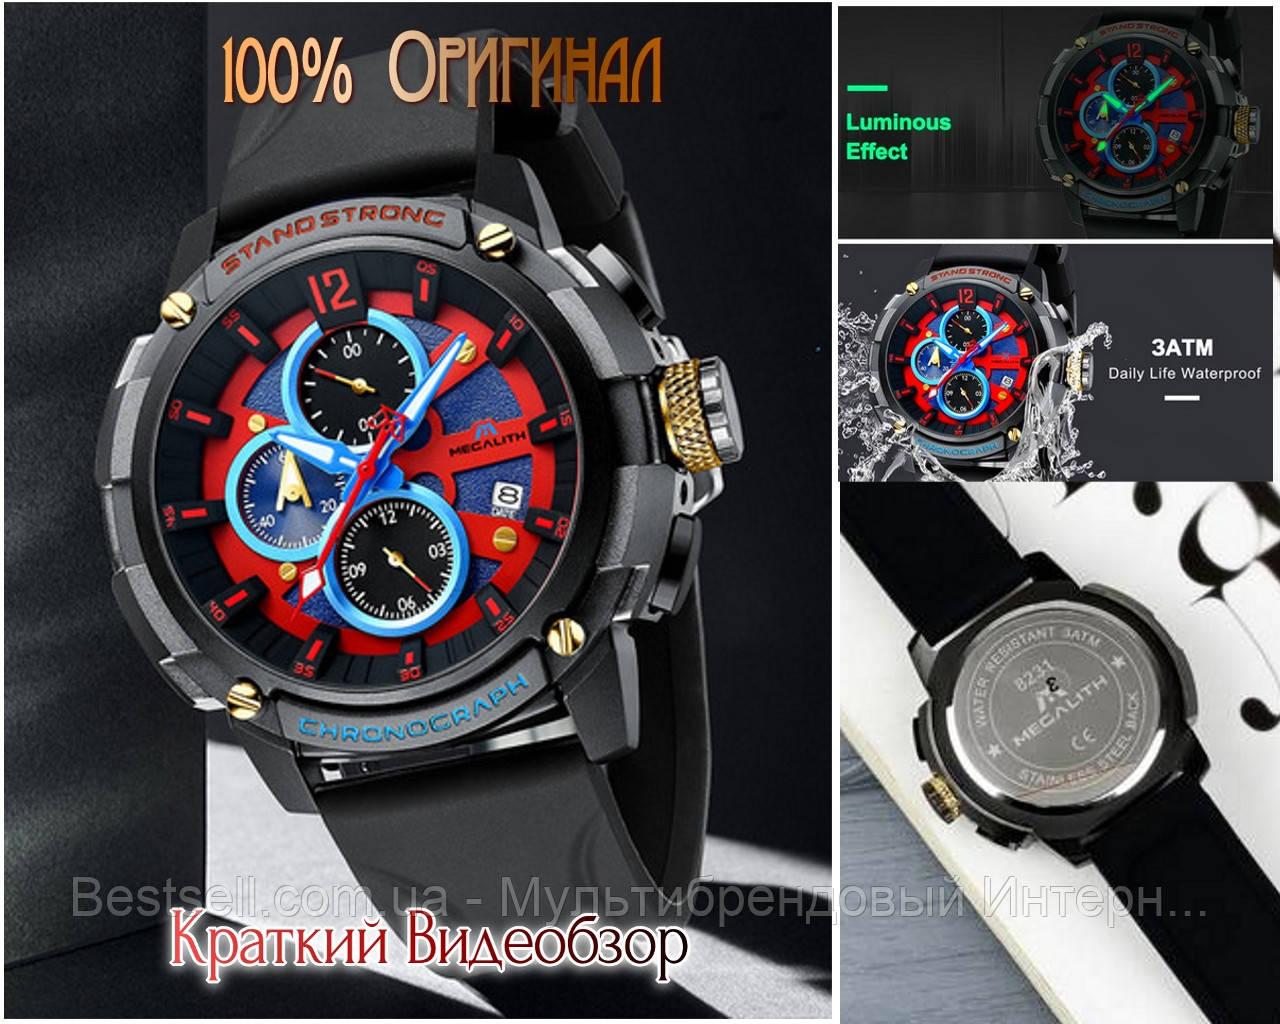 Часы оригинальные мужские наручные кварцевые Megalith 8231M Black-Gray-Red-Blue / часы оригиналые мегалит